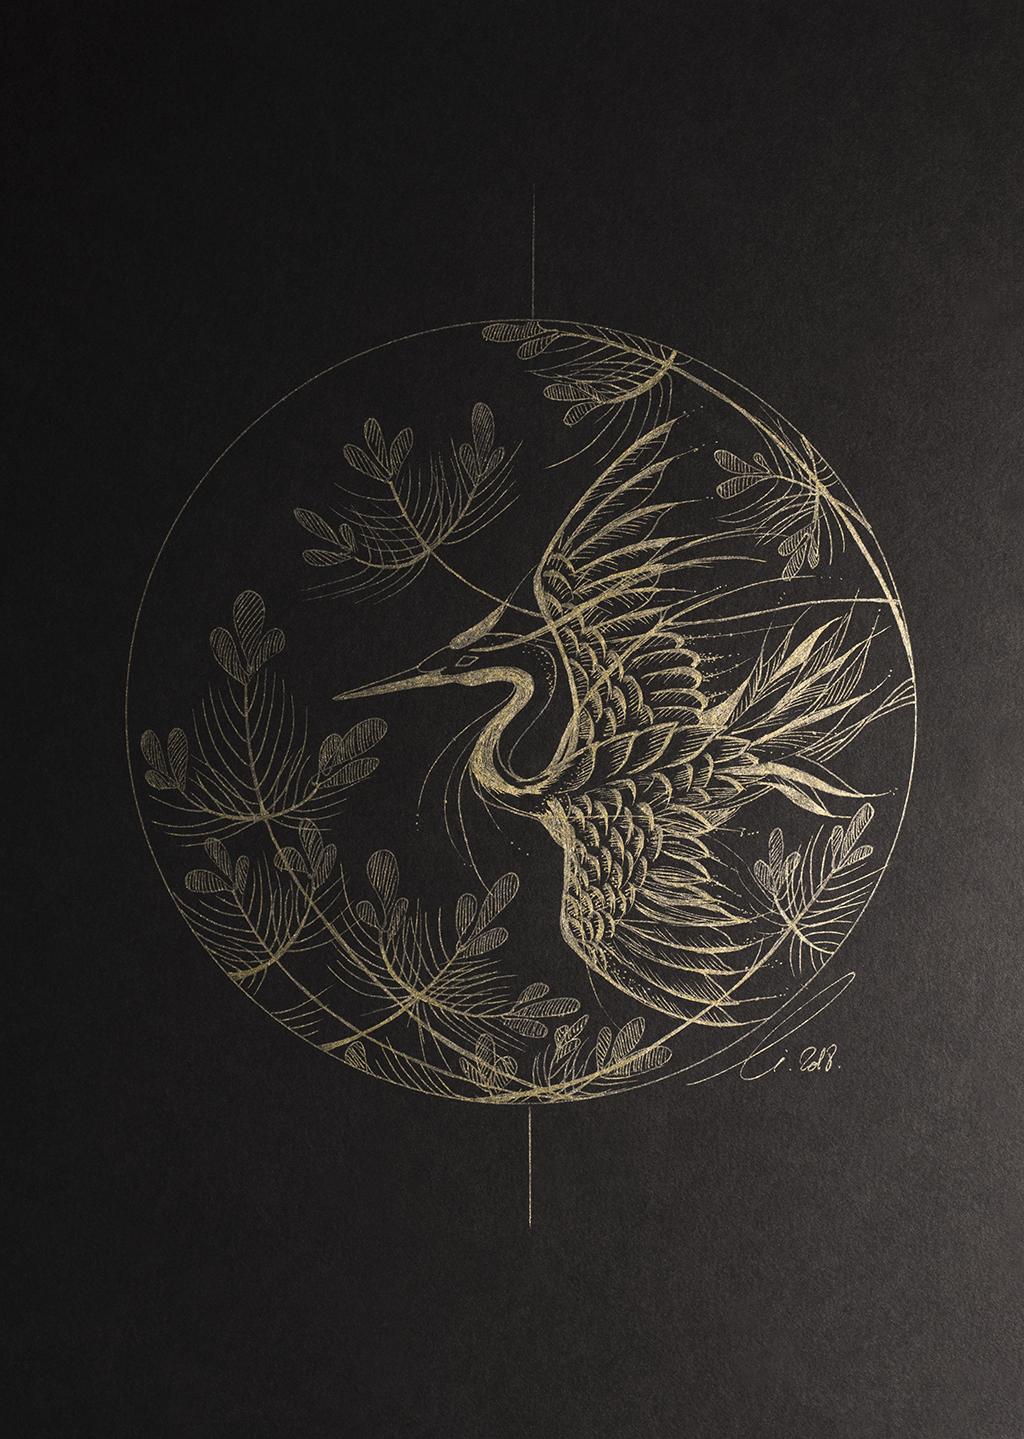 Les plumes et les pins, illustration d'un oiseau survolant un jardin japonais aux plumes dorées.